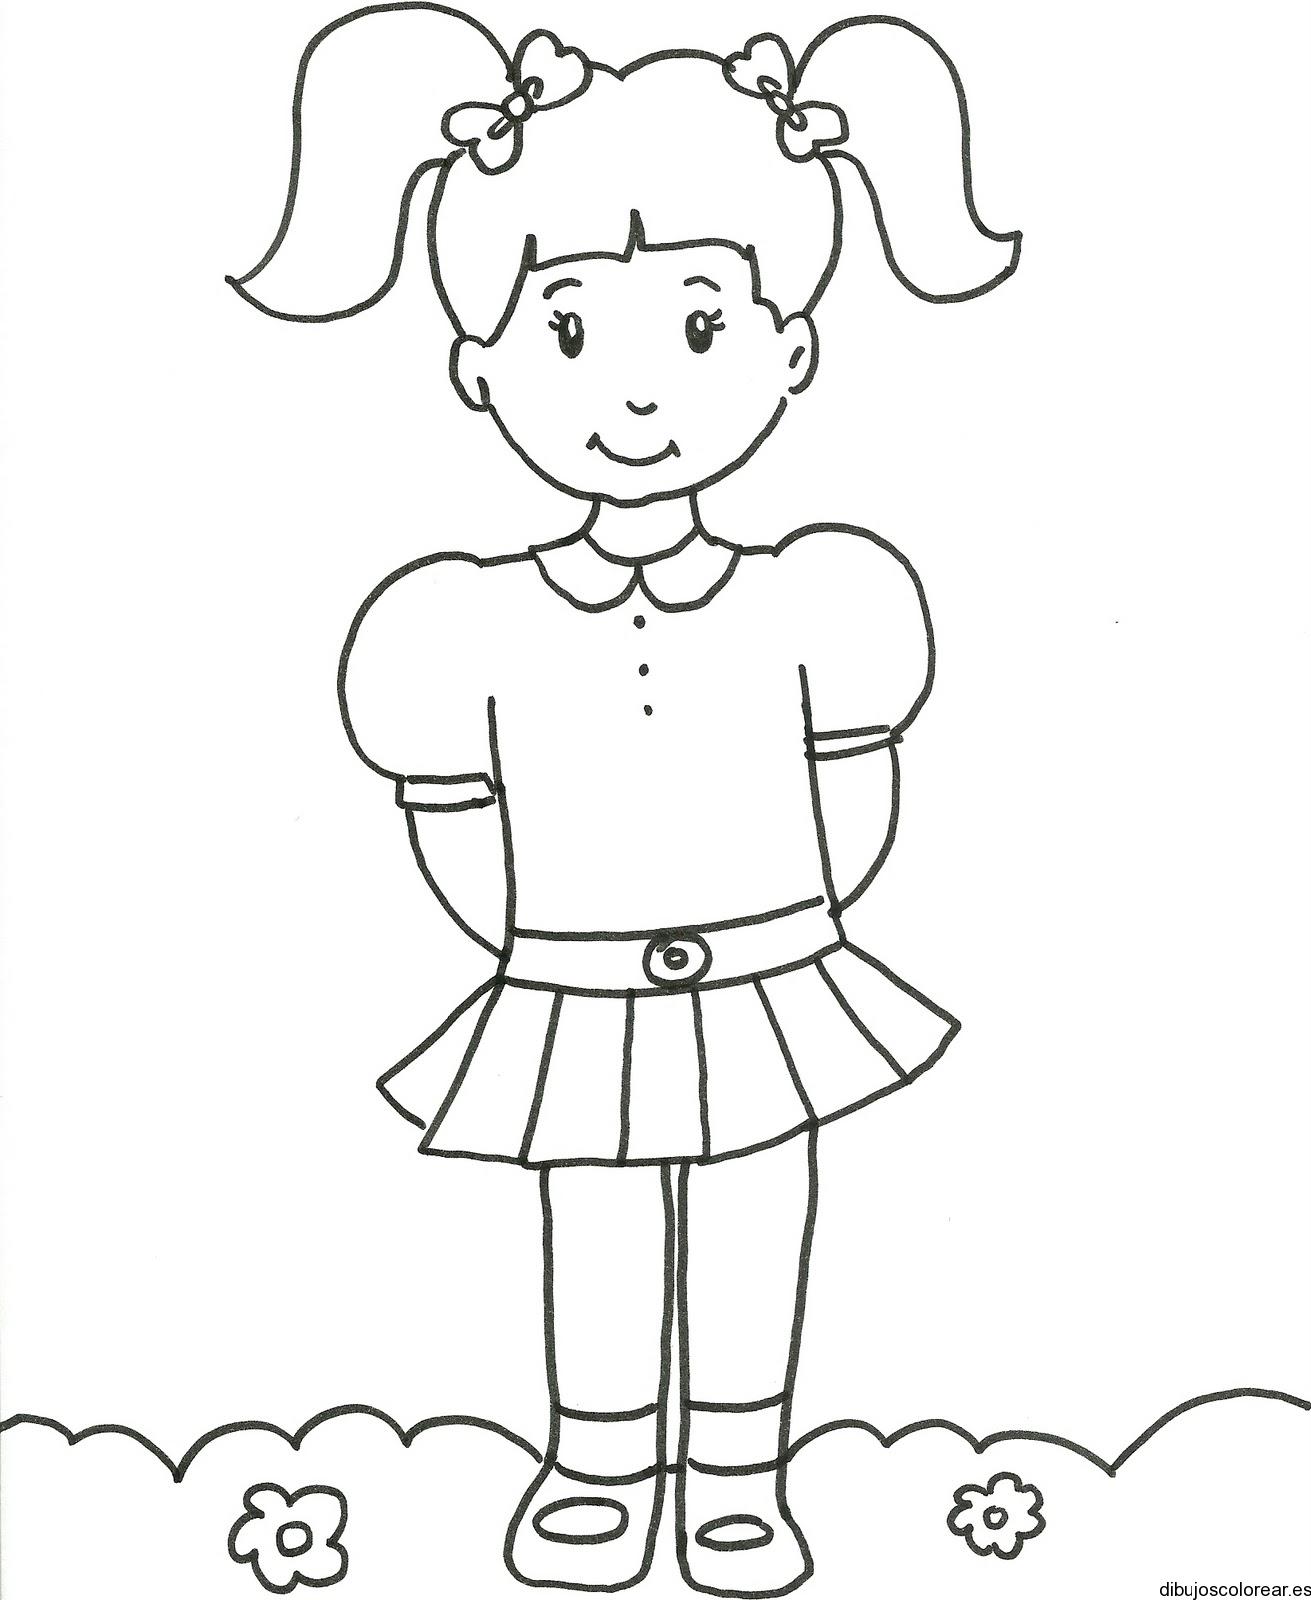 Dibujo De Una Nina Con Uniforme